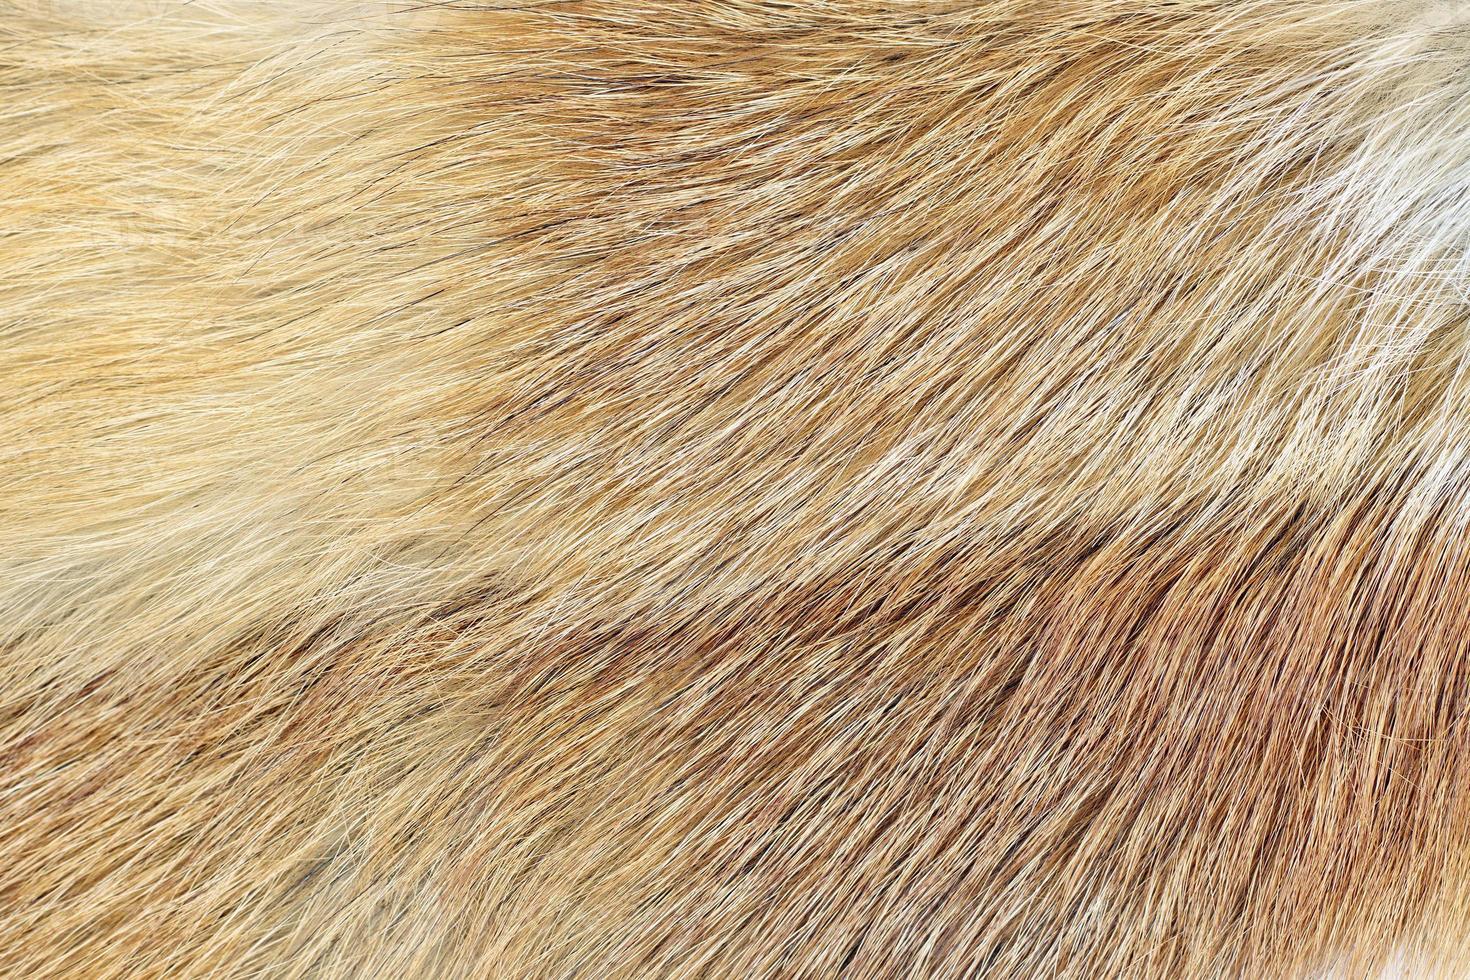 fundo de pele de raposa vermelha (vulpes sp.) foto